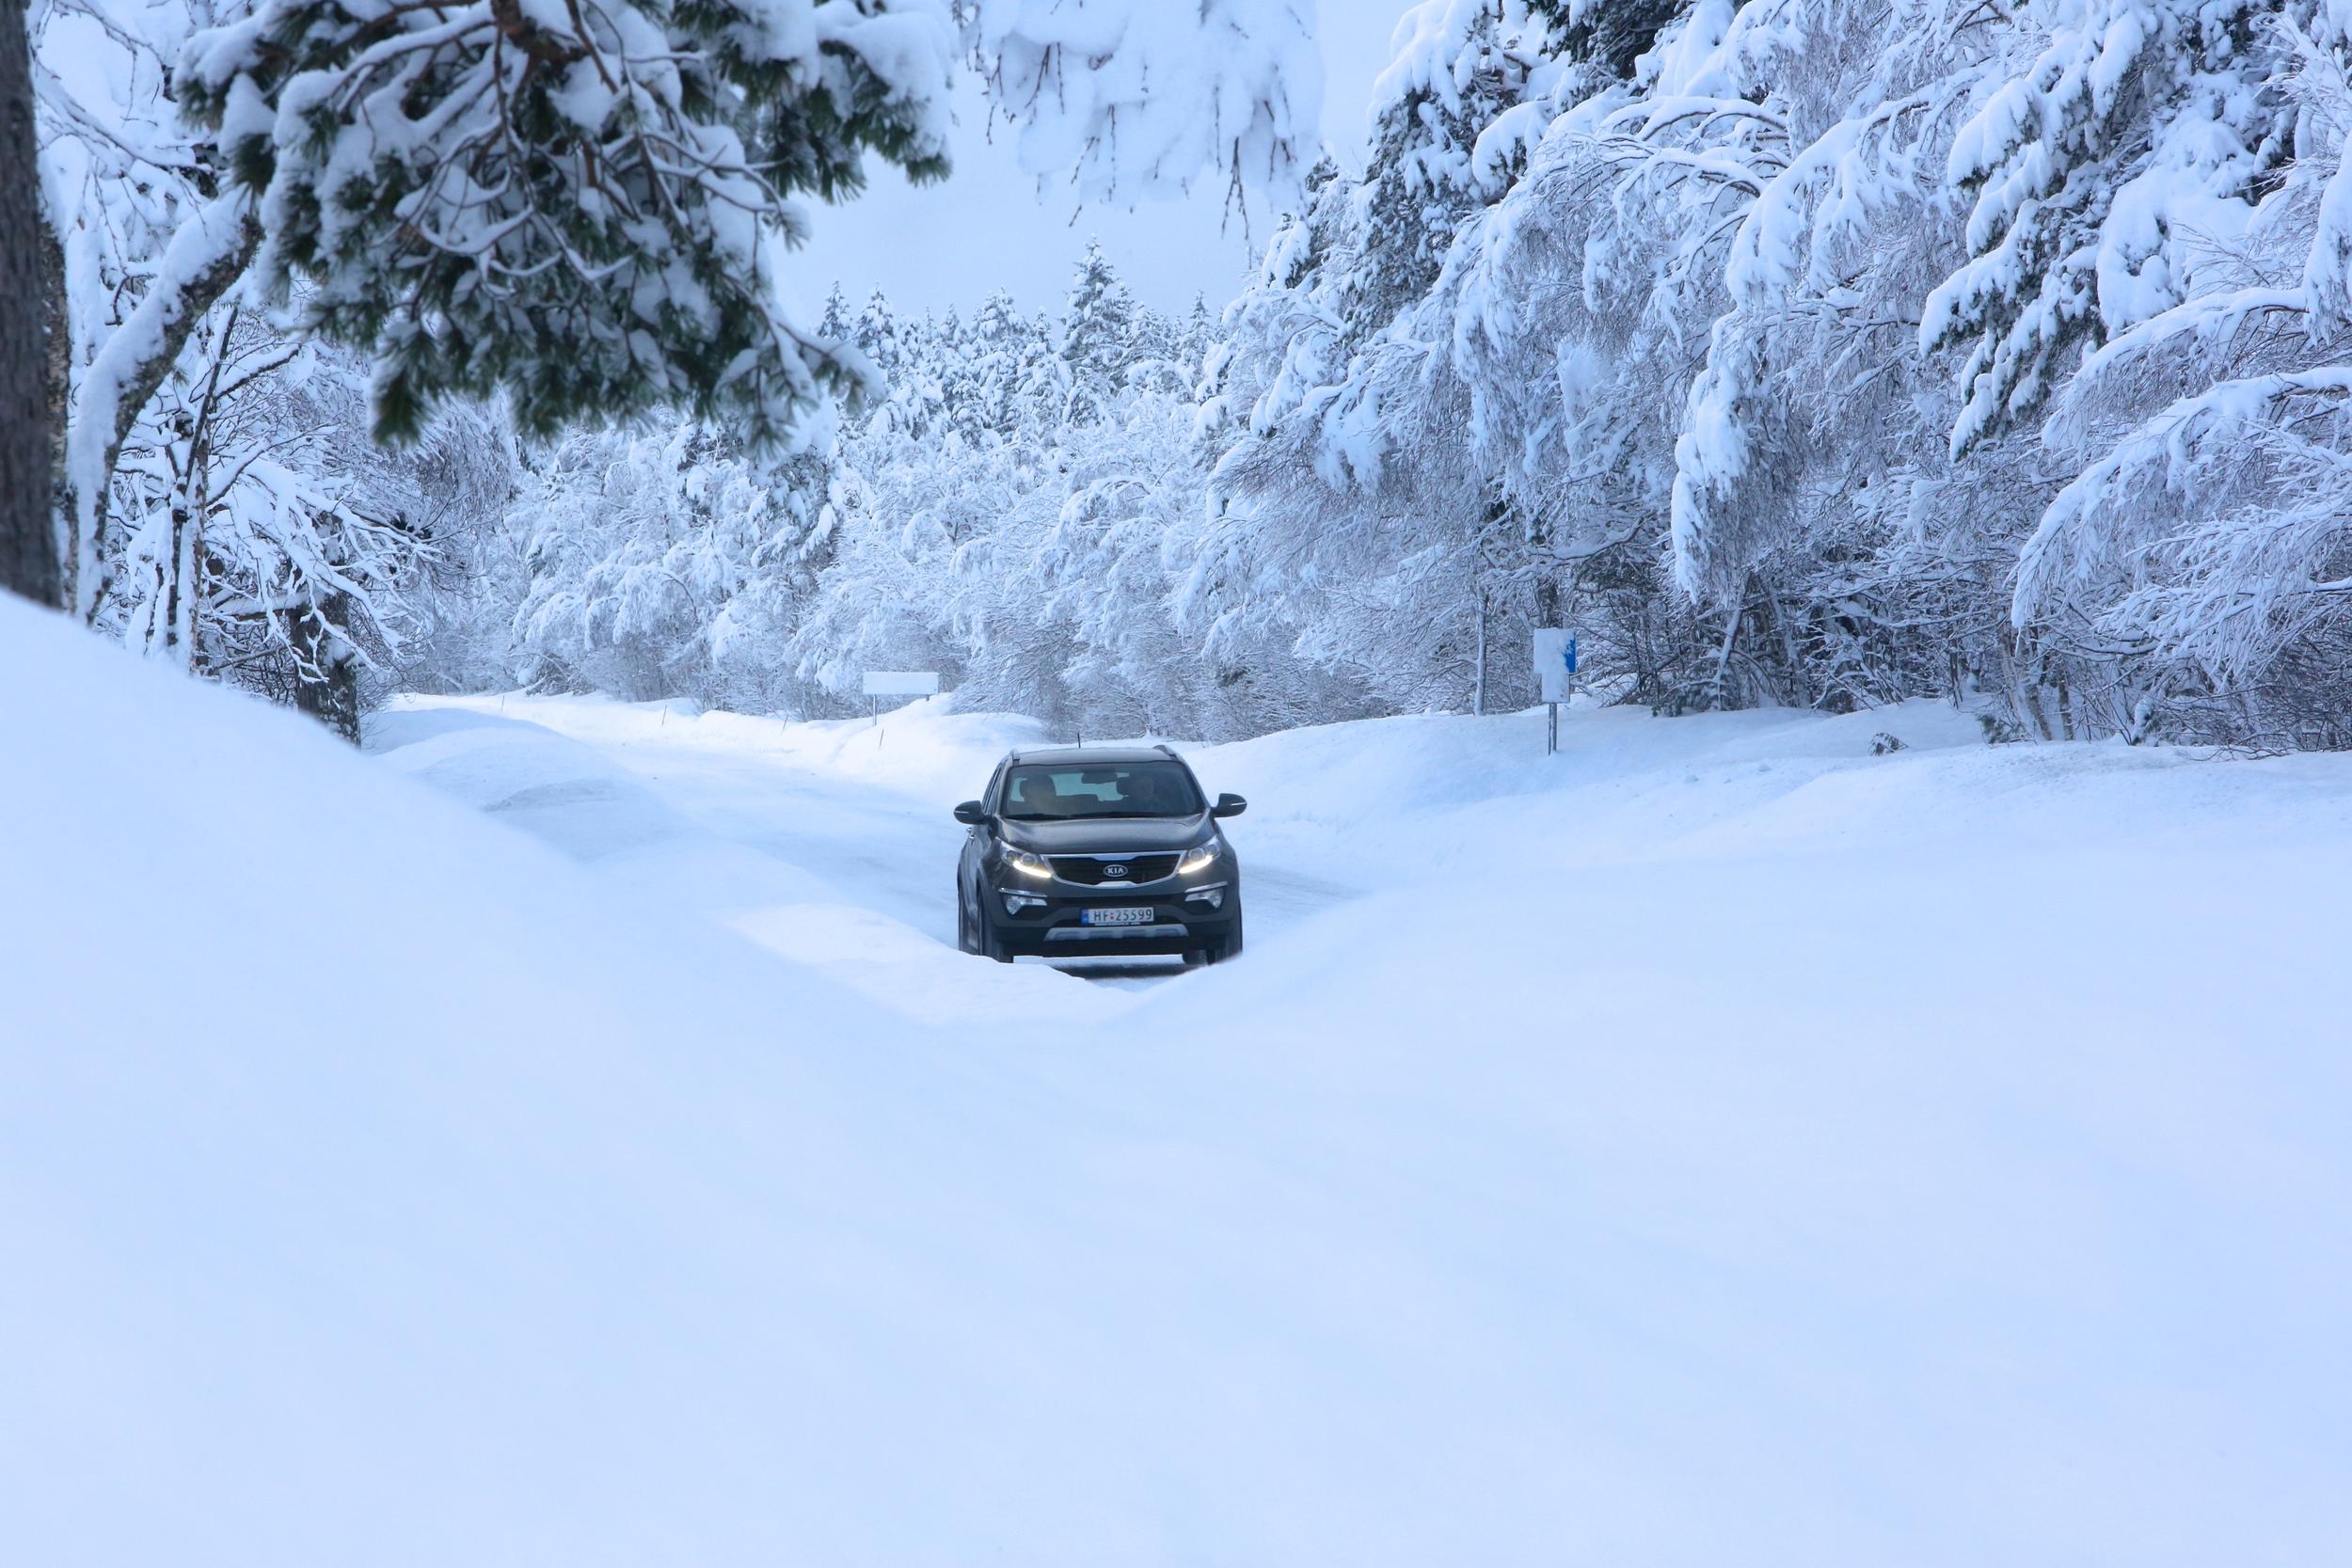 Fine vinterveger slik vi ønsker å ha det. Men er det slik der du er? Foto: Odd Roar Lange